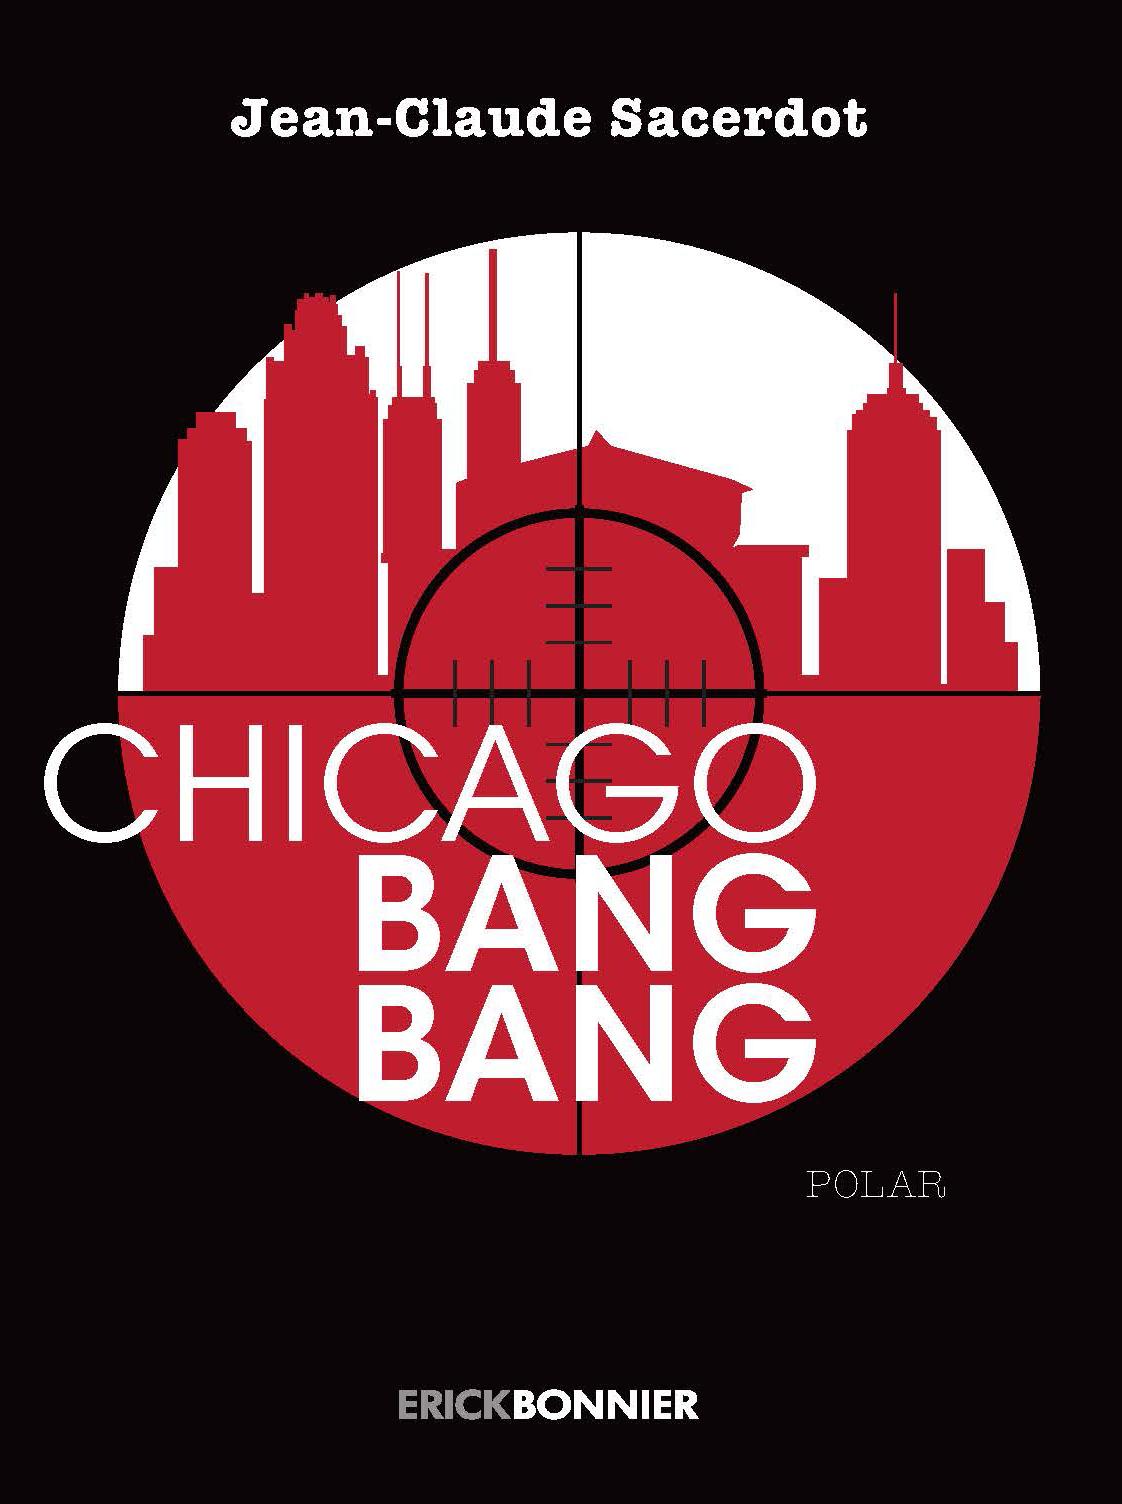 CHICAGO BANG BANG